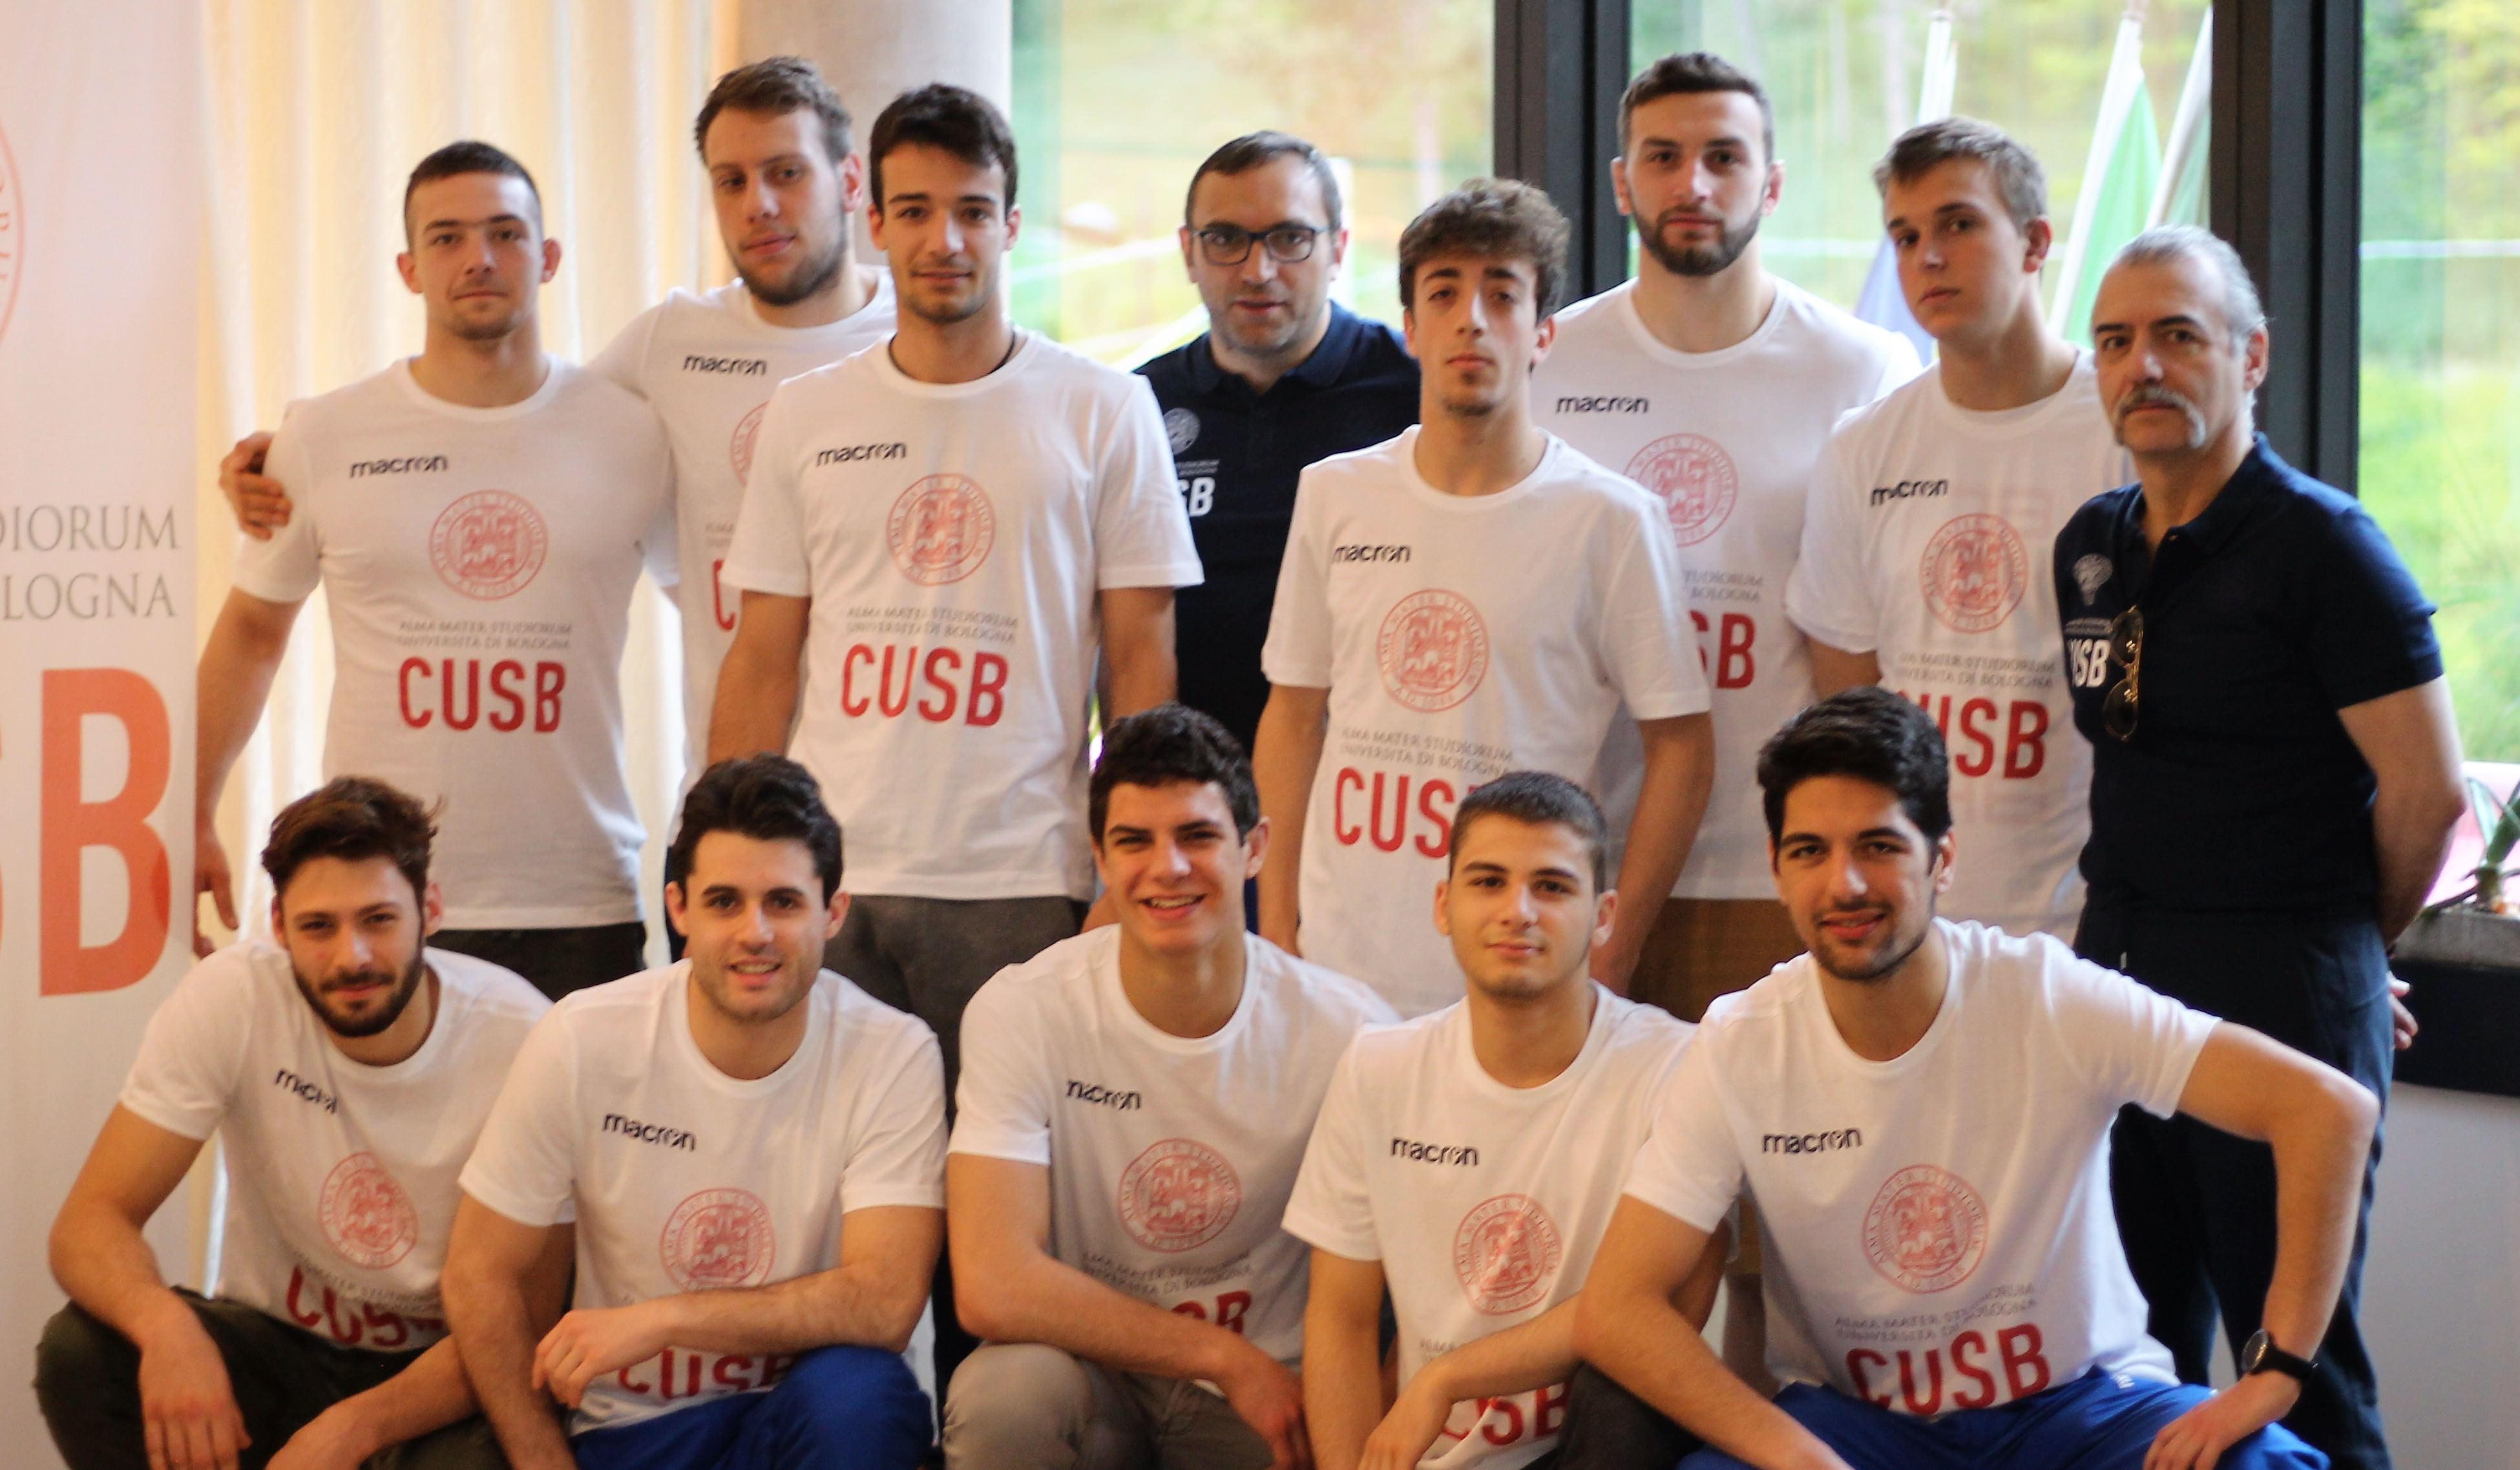 judo cnu 2019 Cus Bologna